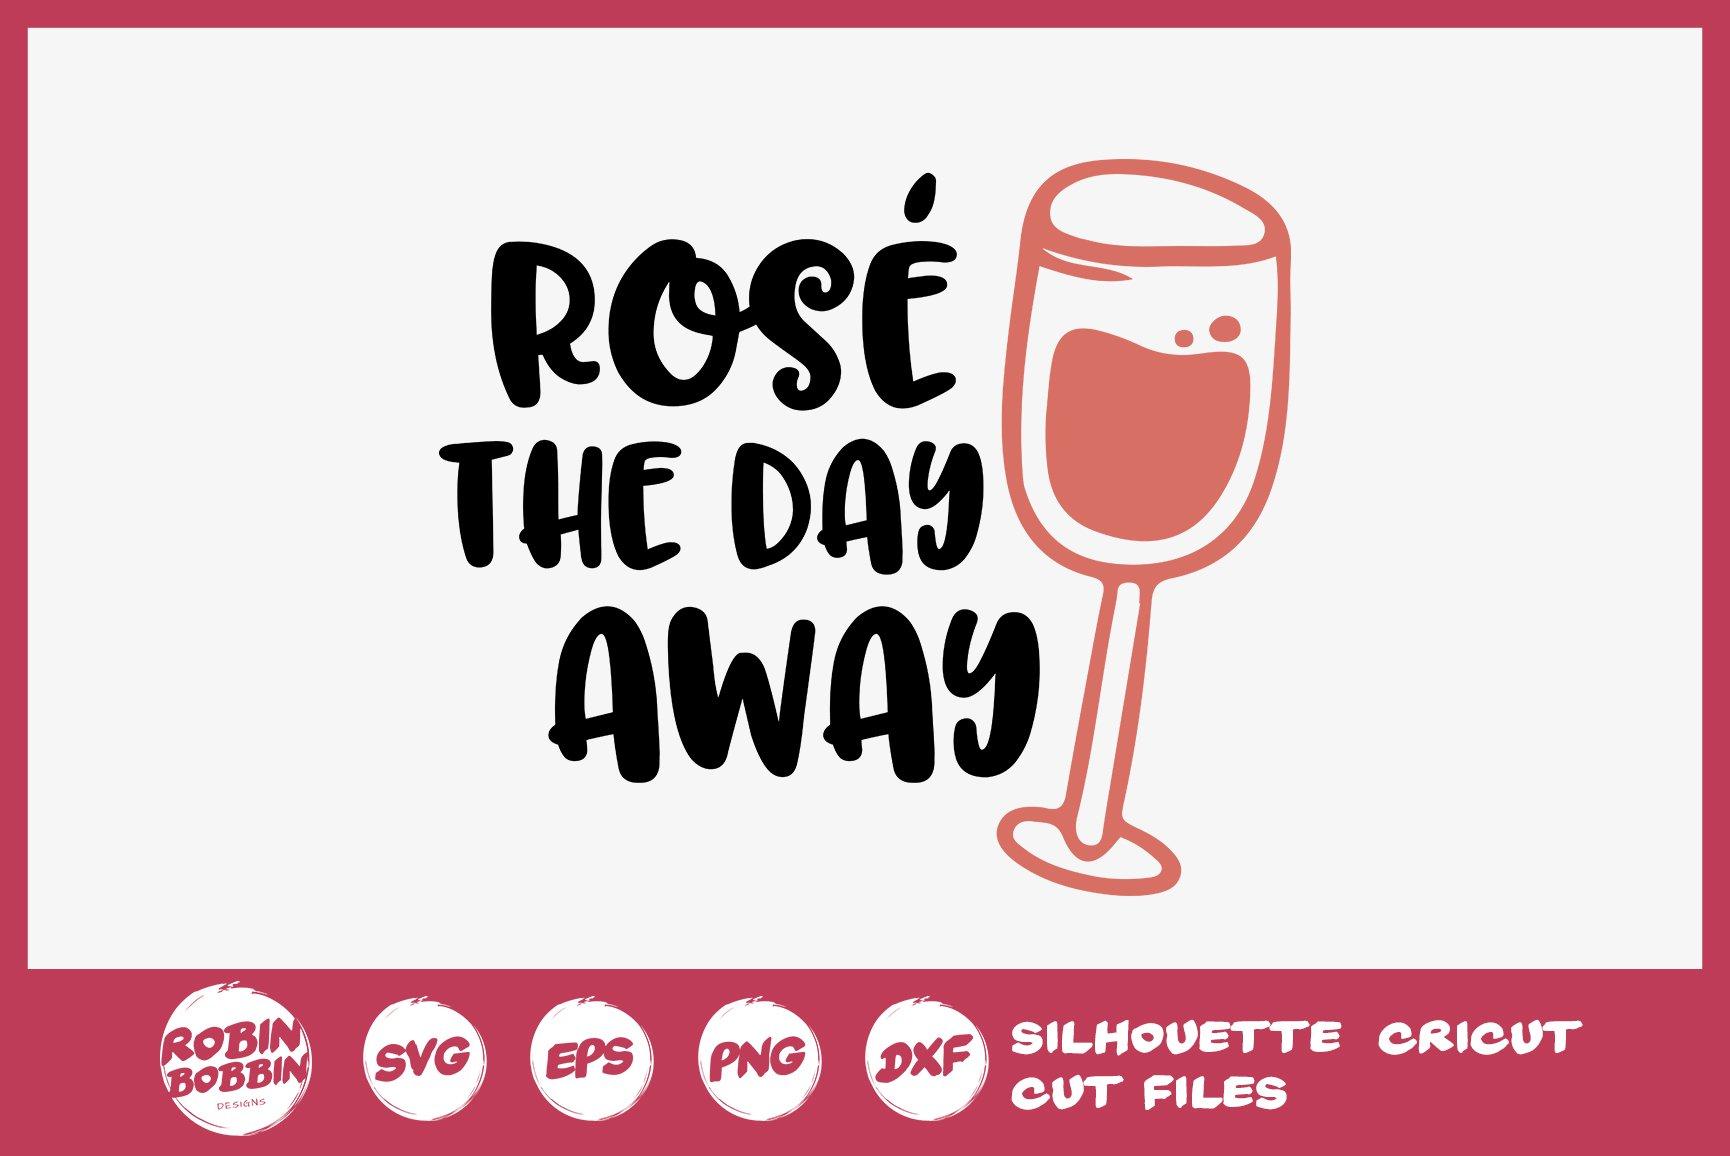 Download Rose The Day Away Svg Wine Lover Svg Wine Glass Svg 319913 Cut Files Design Bundles